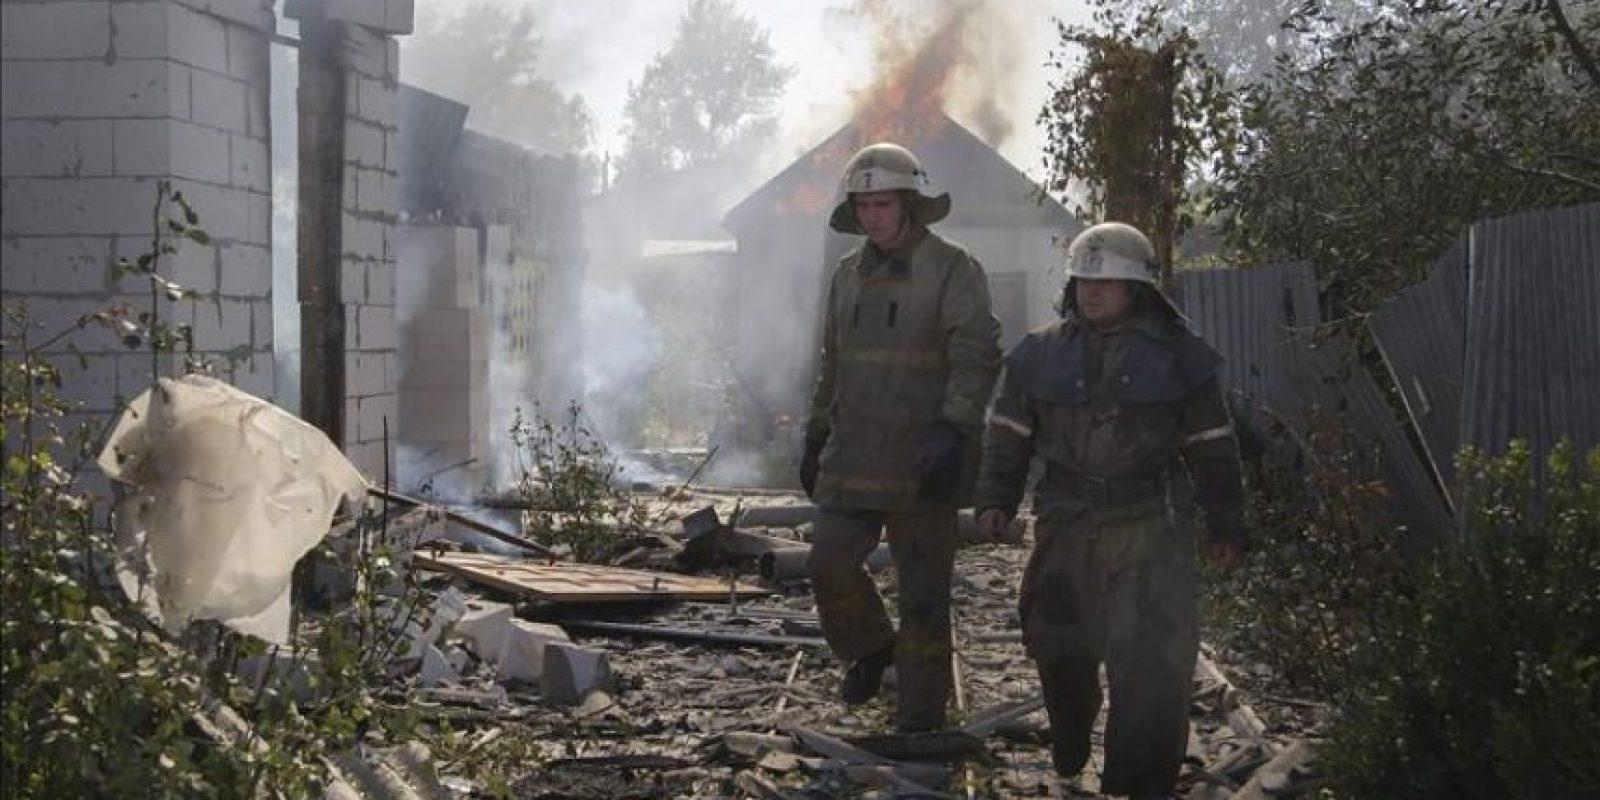 Dos bomberos trabajan en un edificio bombardeado cerca del aeropuerto de Donetsk, Ucrania, ayer. EFE